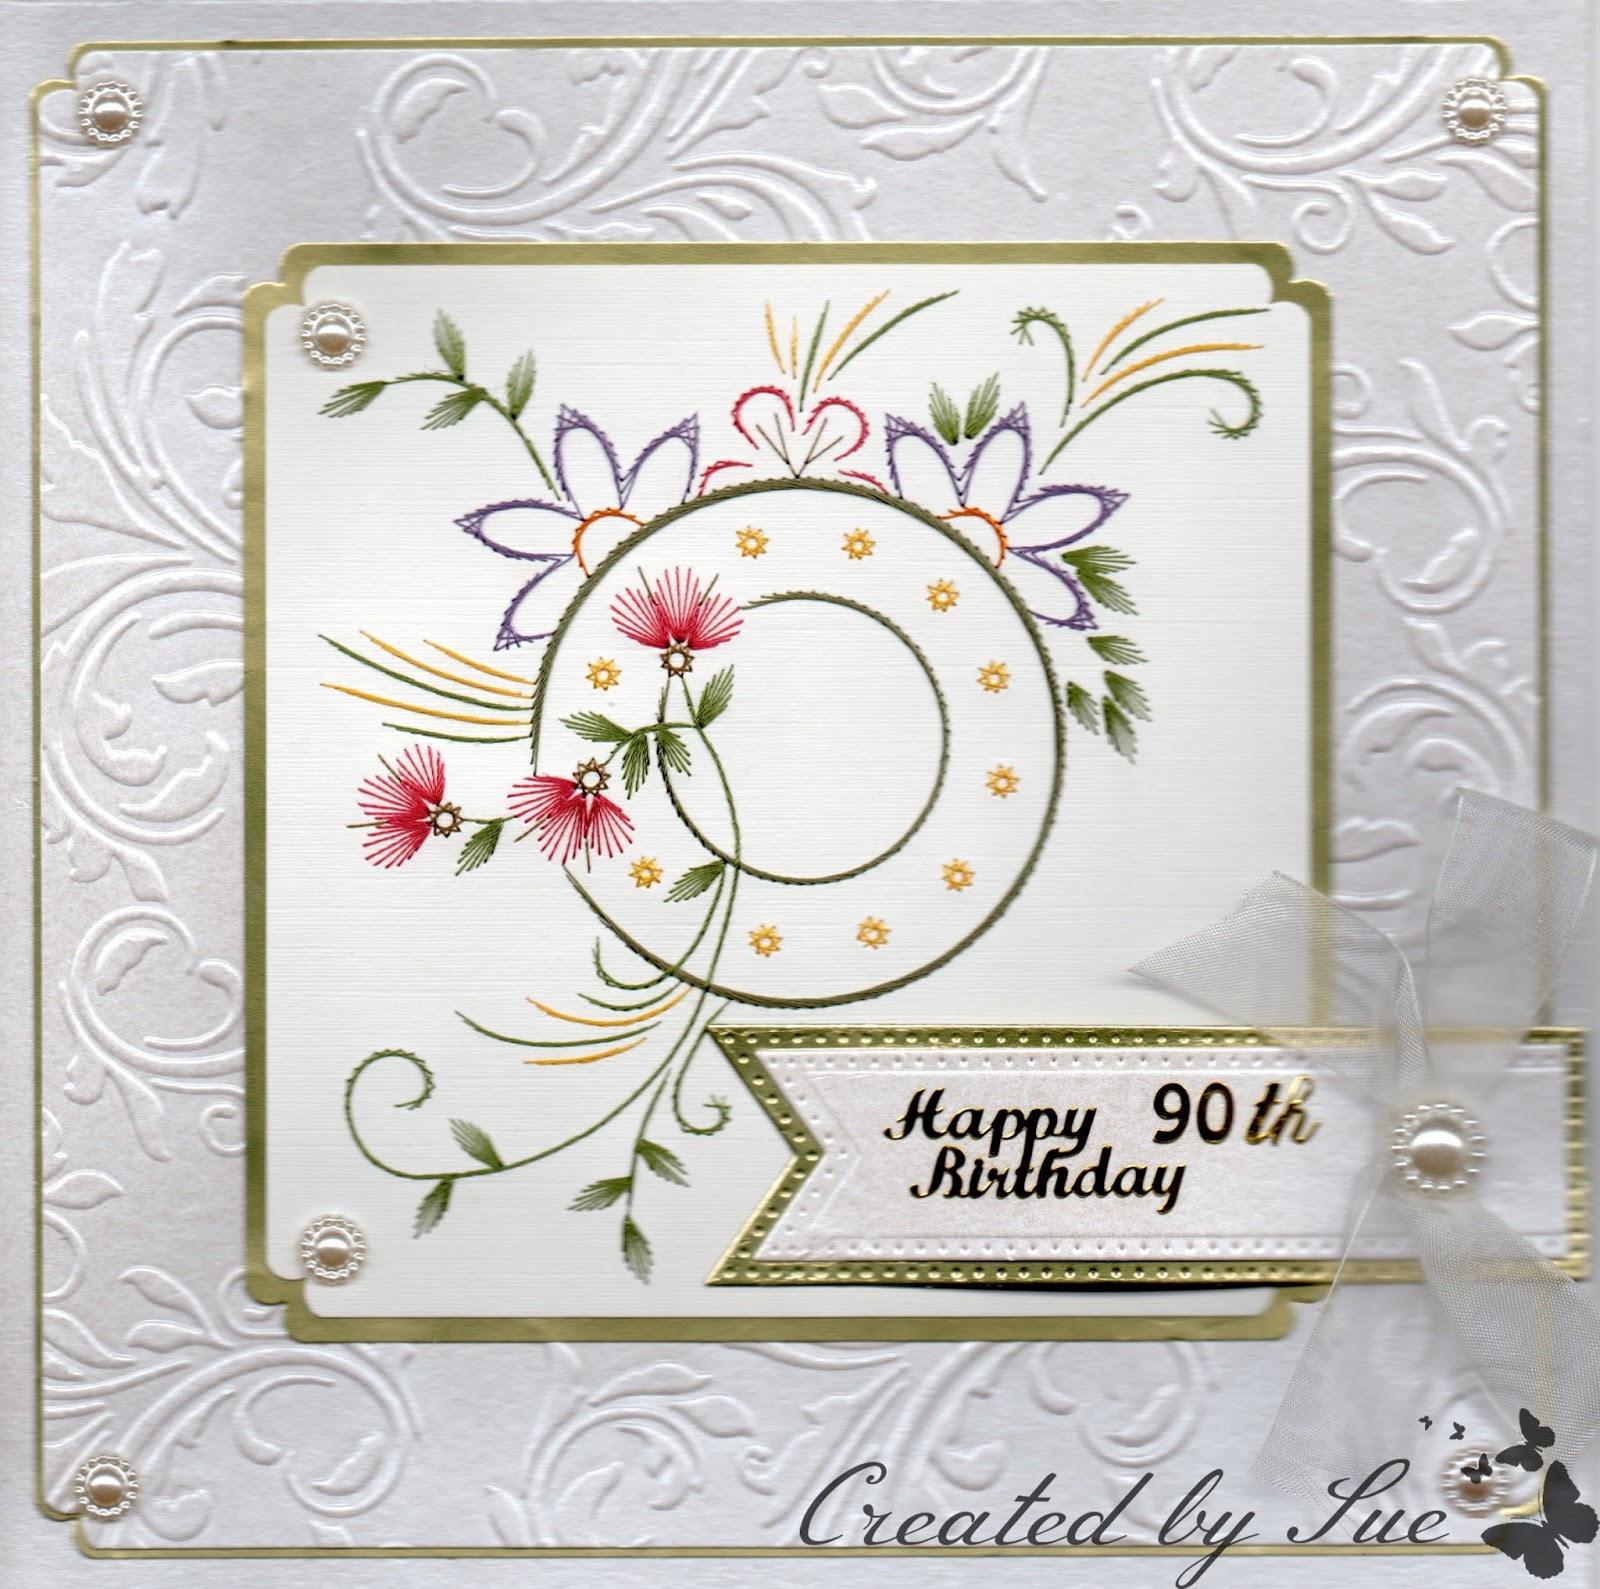 Stitch A Greeting 90th Birthday Cards